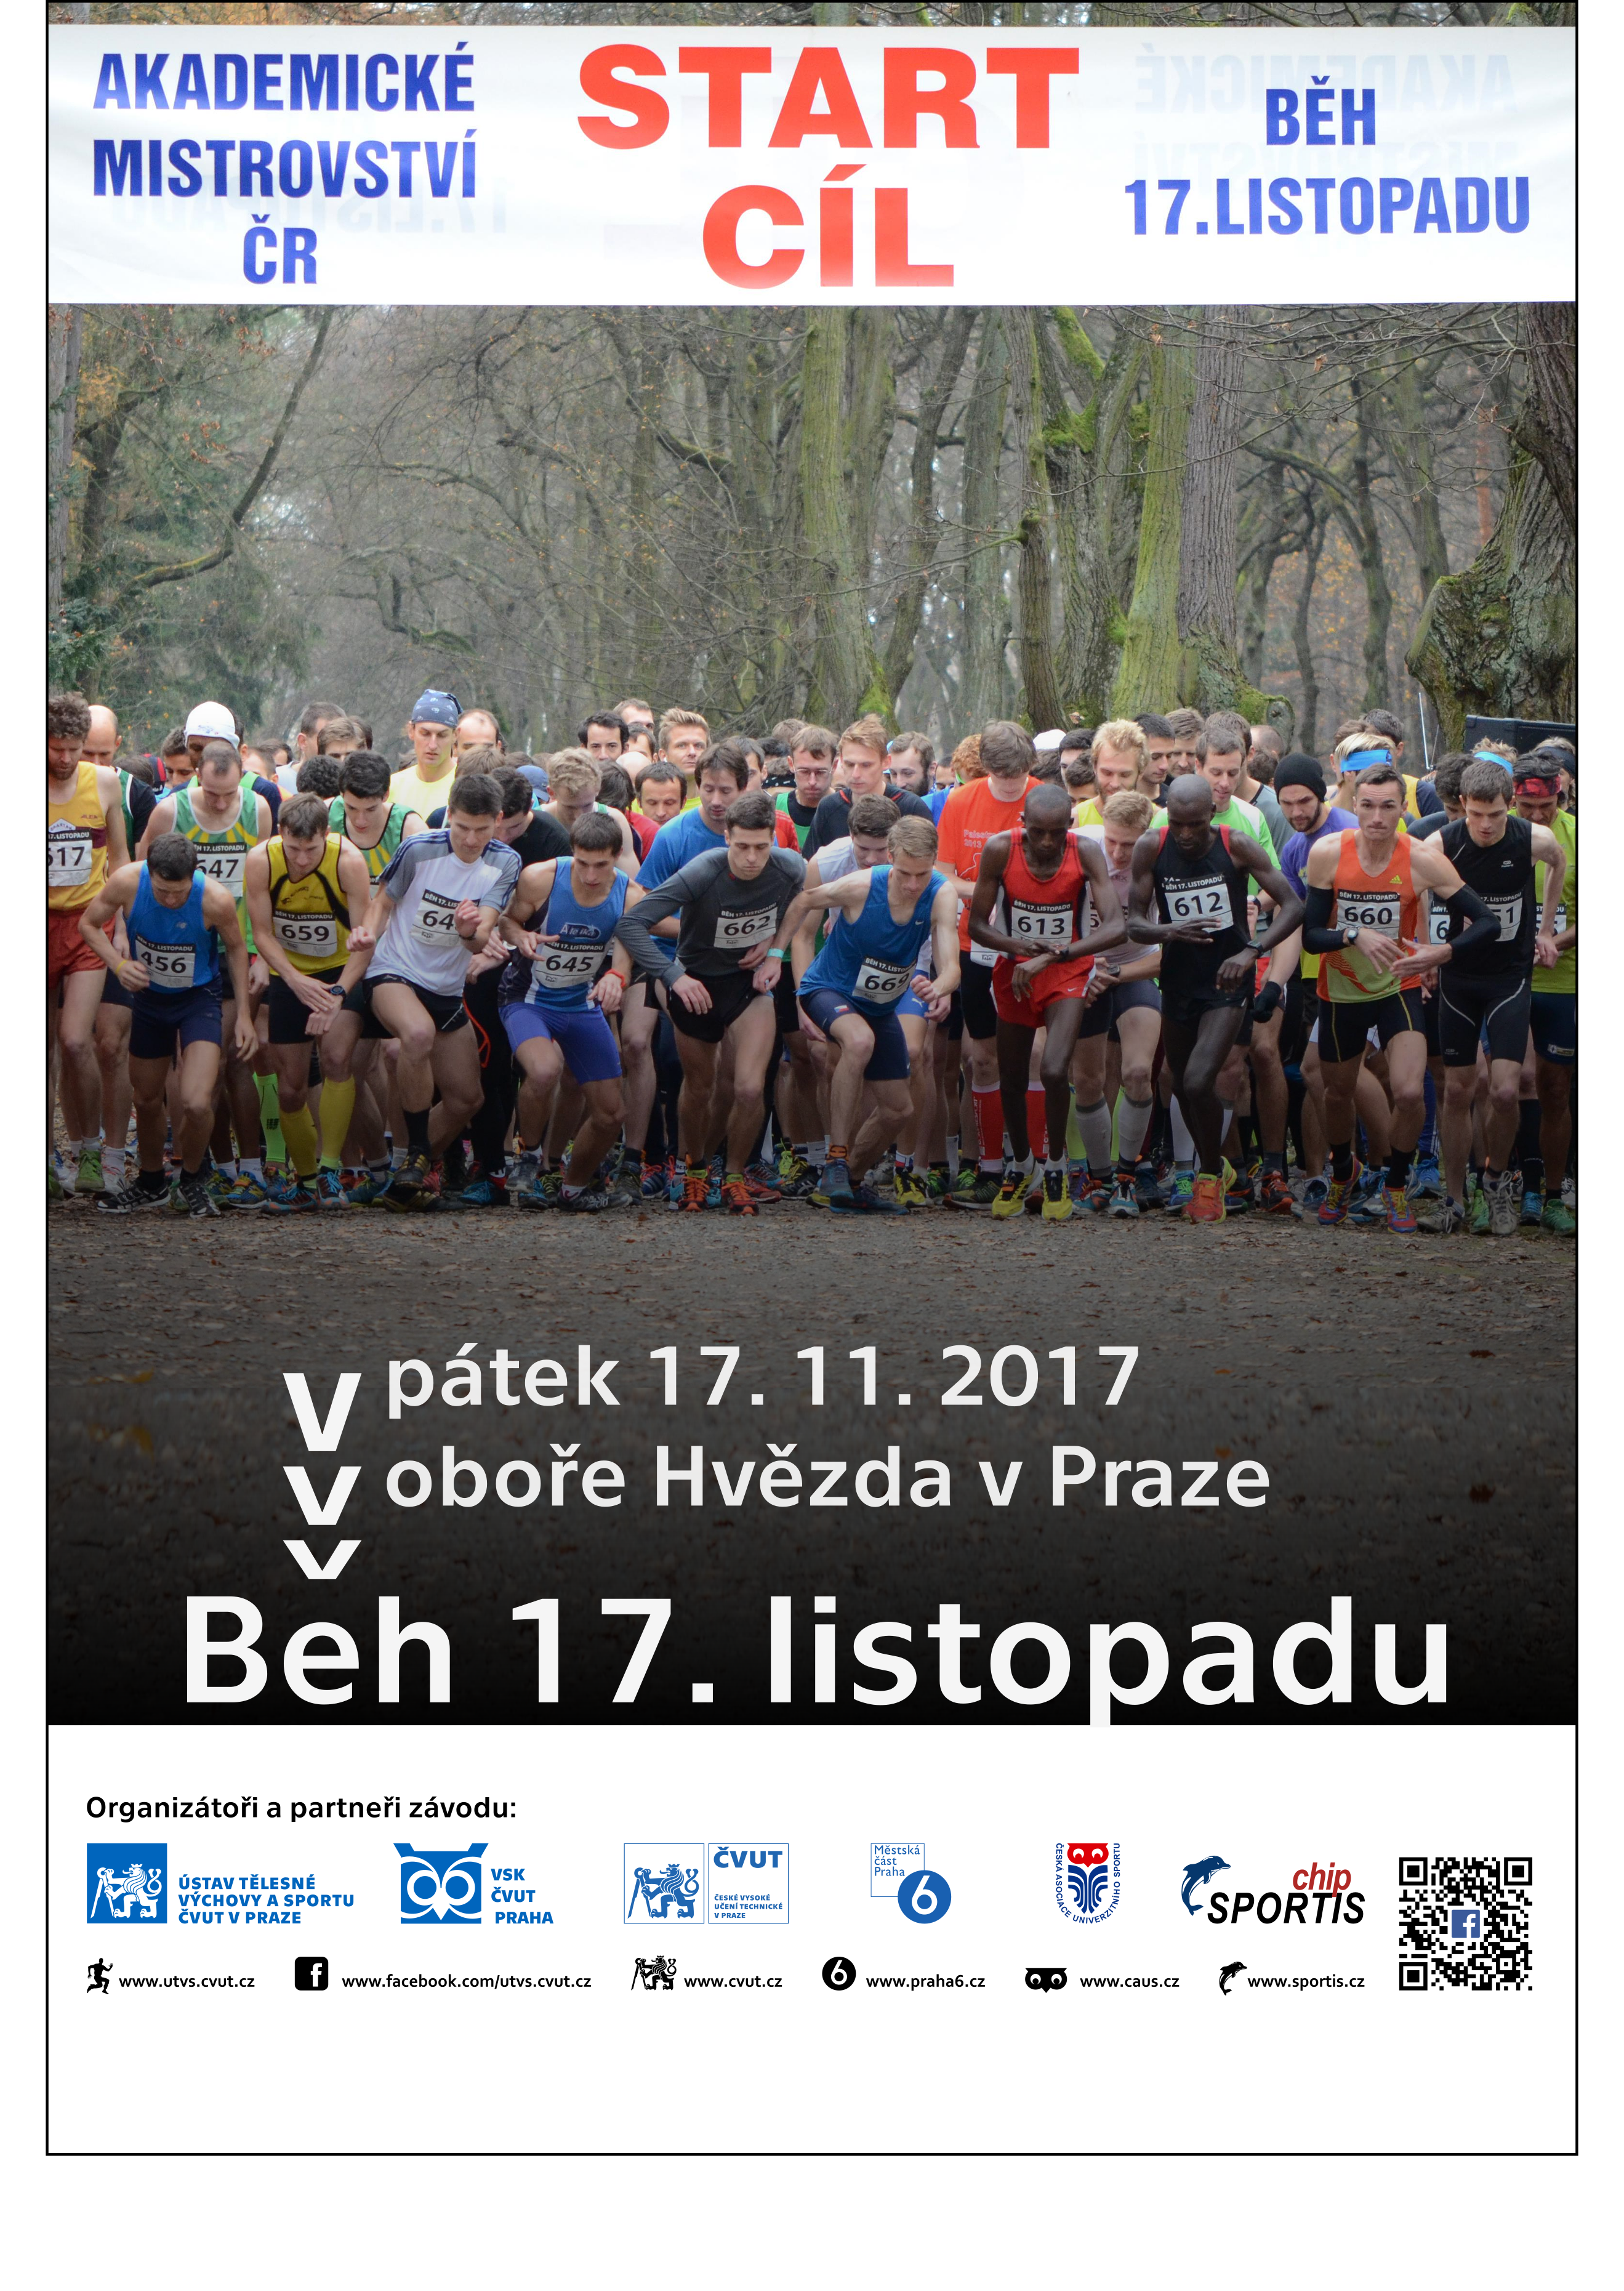 Běh 17. listopadu 2017 - FJFI ČVUT v Praze a4b7faa5d6